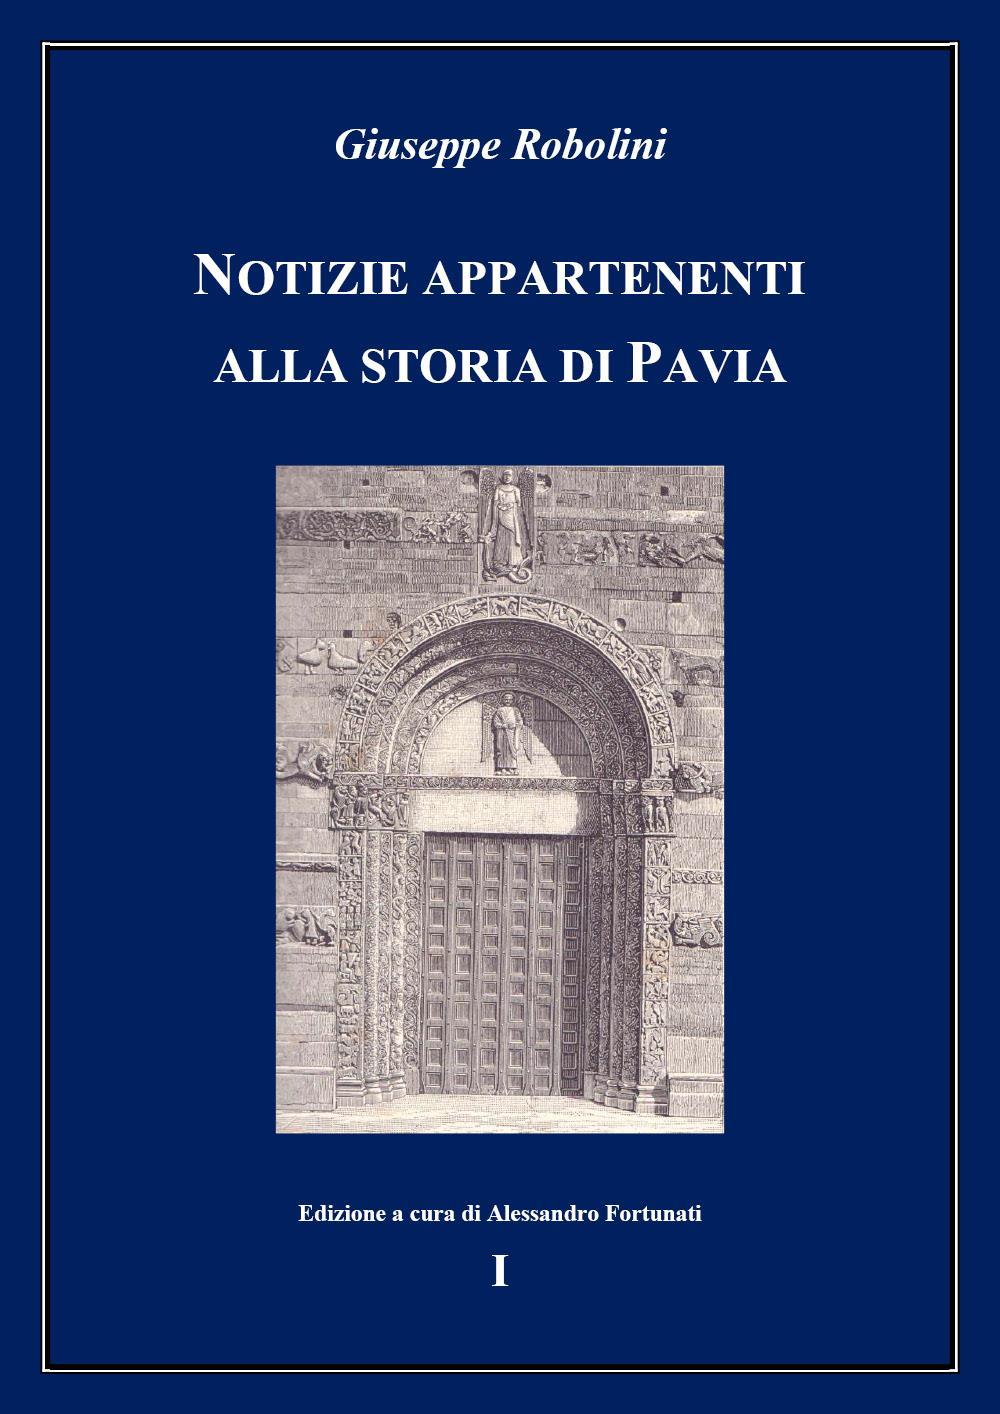 Notizie appartenenti alla storia di Pavia - I